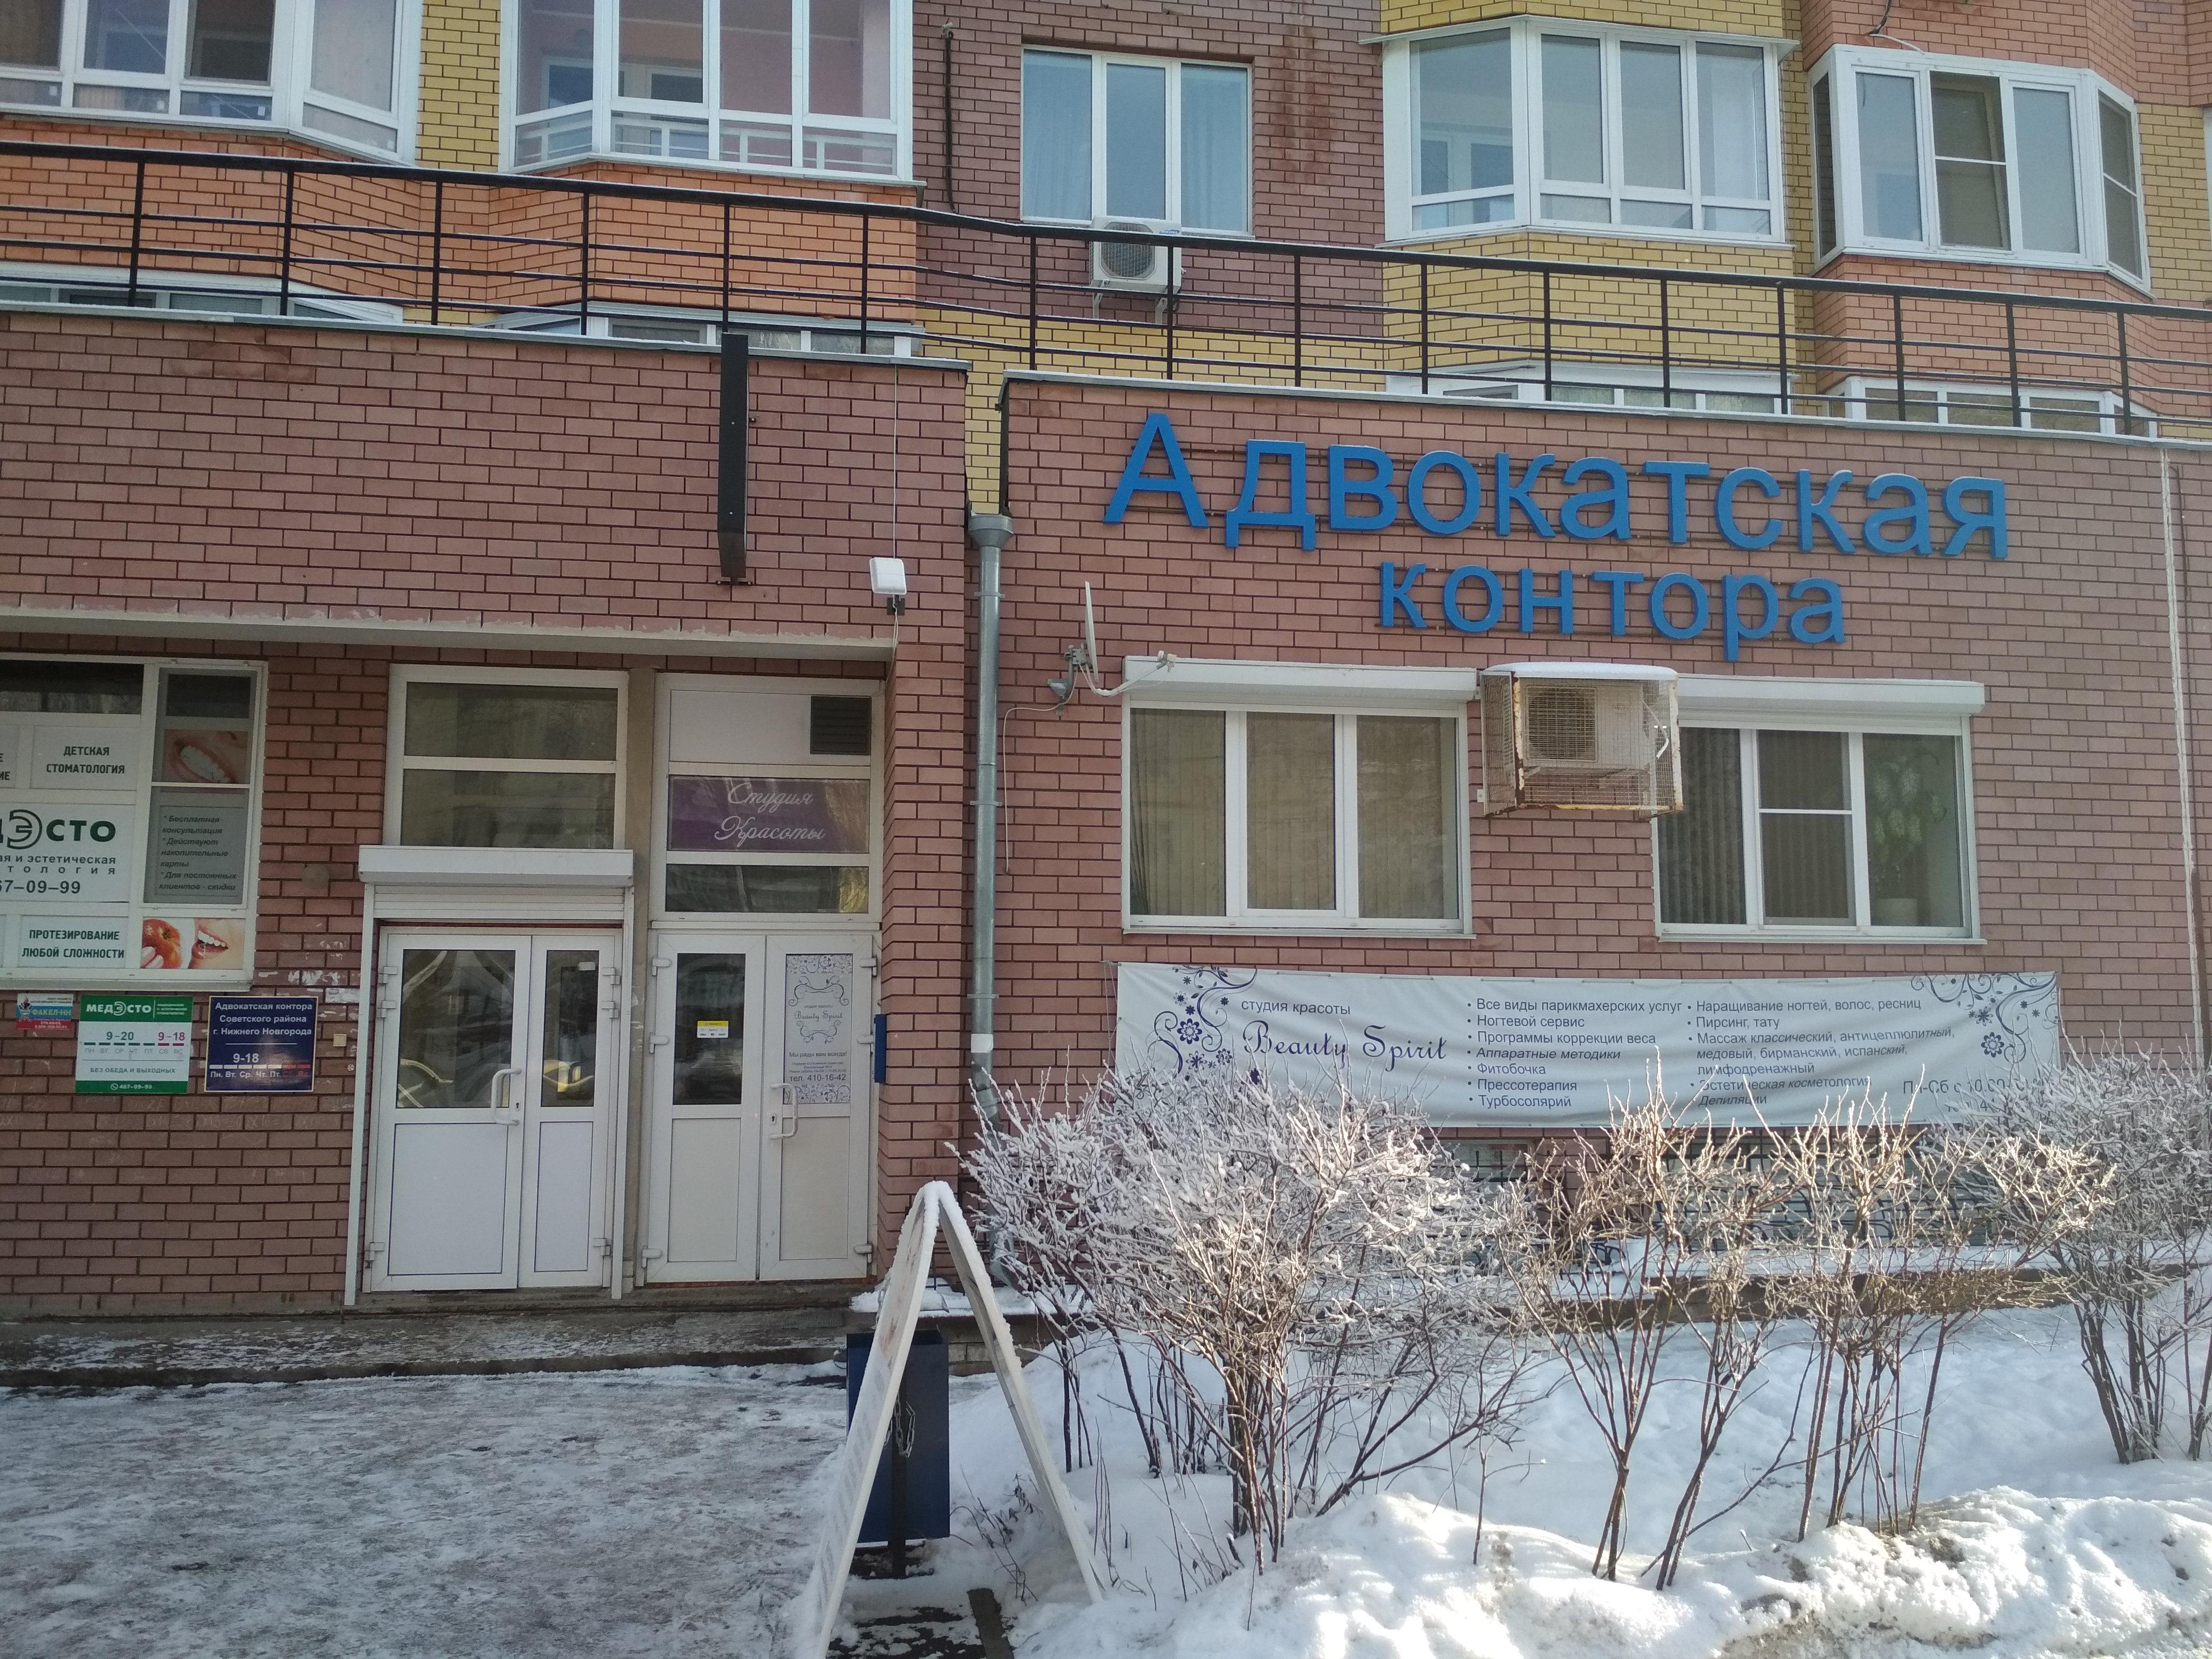 бесплатная юридическая консультация в нижнем новгороде советский район